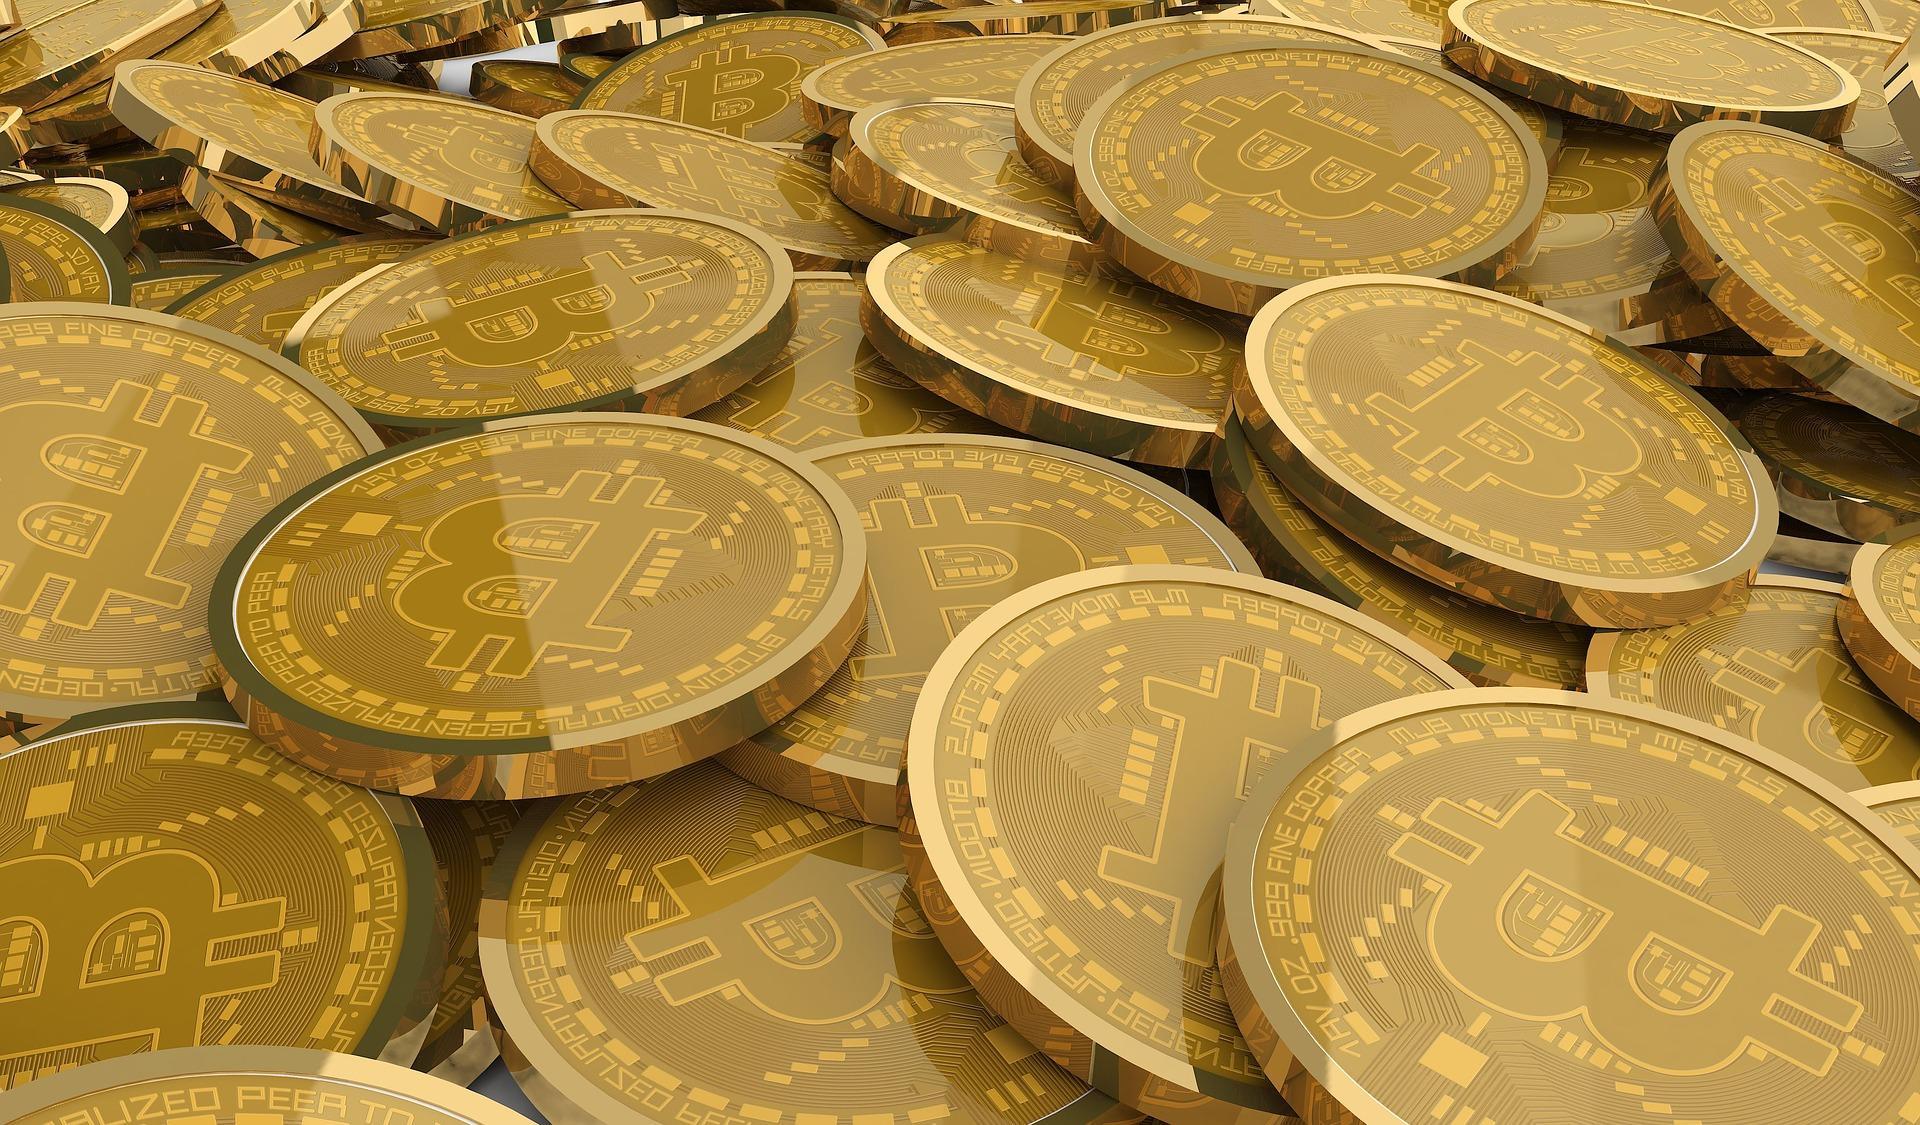 Курс биткоина достиг рекордной отметки впервые с августа 2019 года